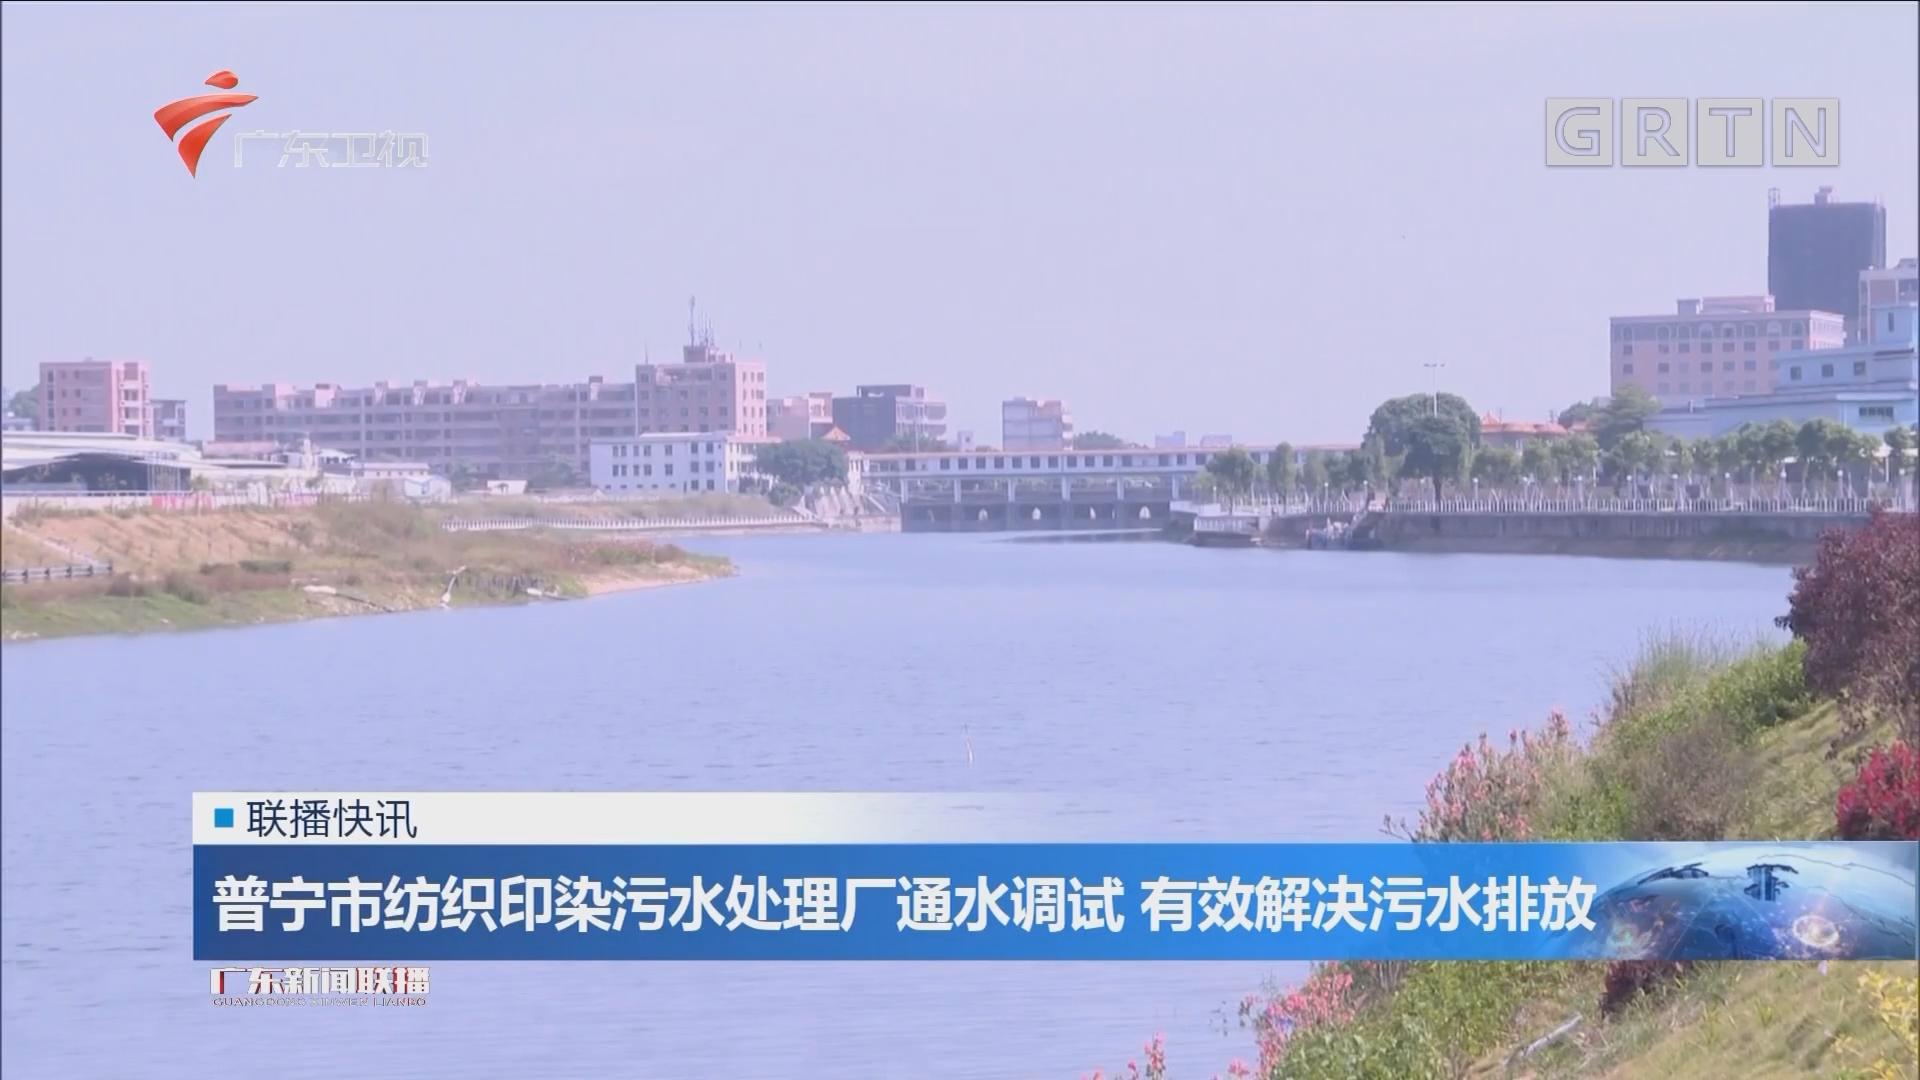 普宁市纺织印染污水处理厂通水调试 有效解决污水排放